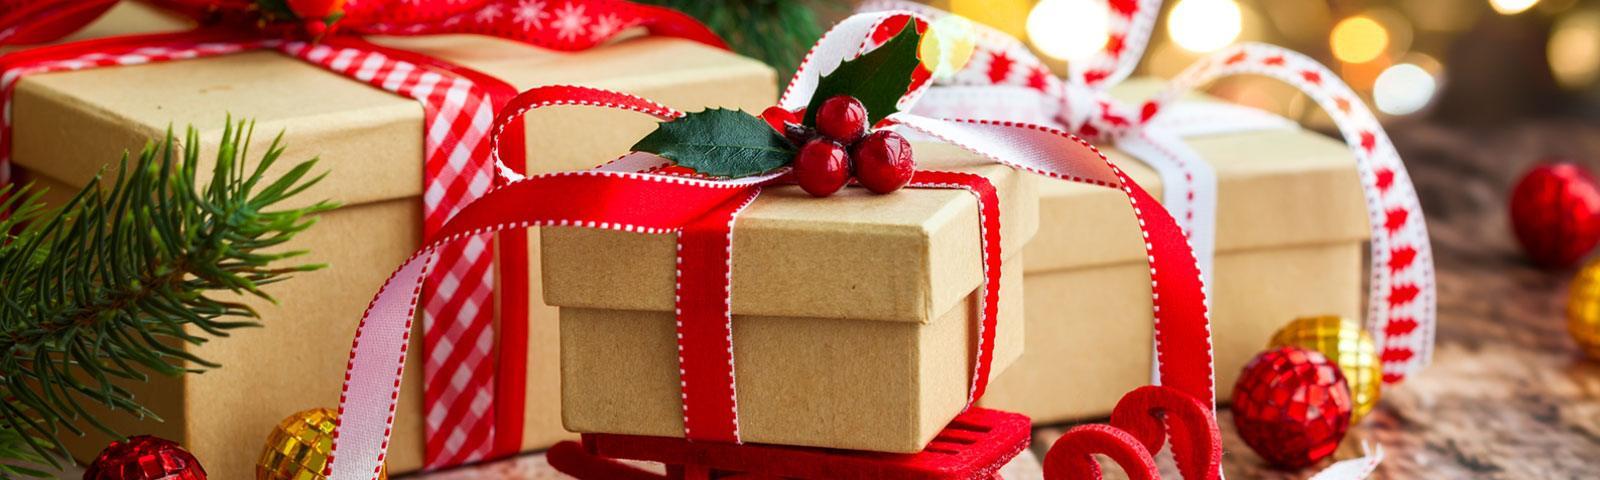 Nie tylko Mikołaj! Kto jeszcze przynosi prezenty dzieciom?